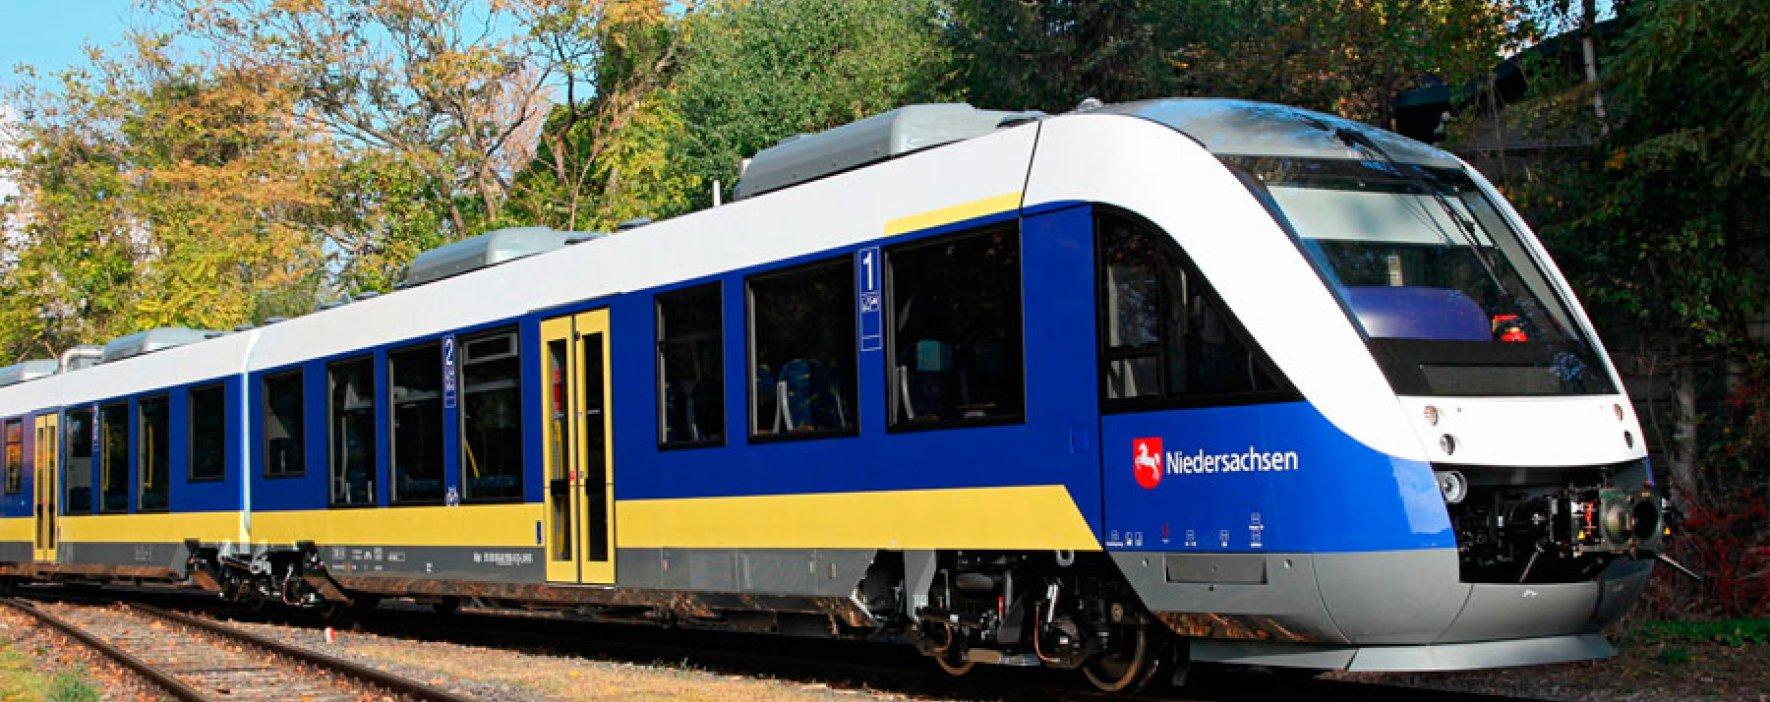 Tren movido con hidrógeno es pionero en el mundo